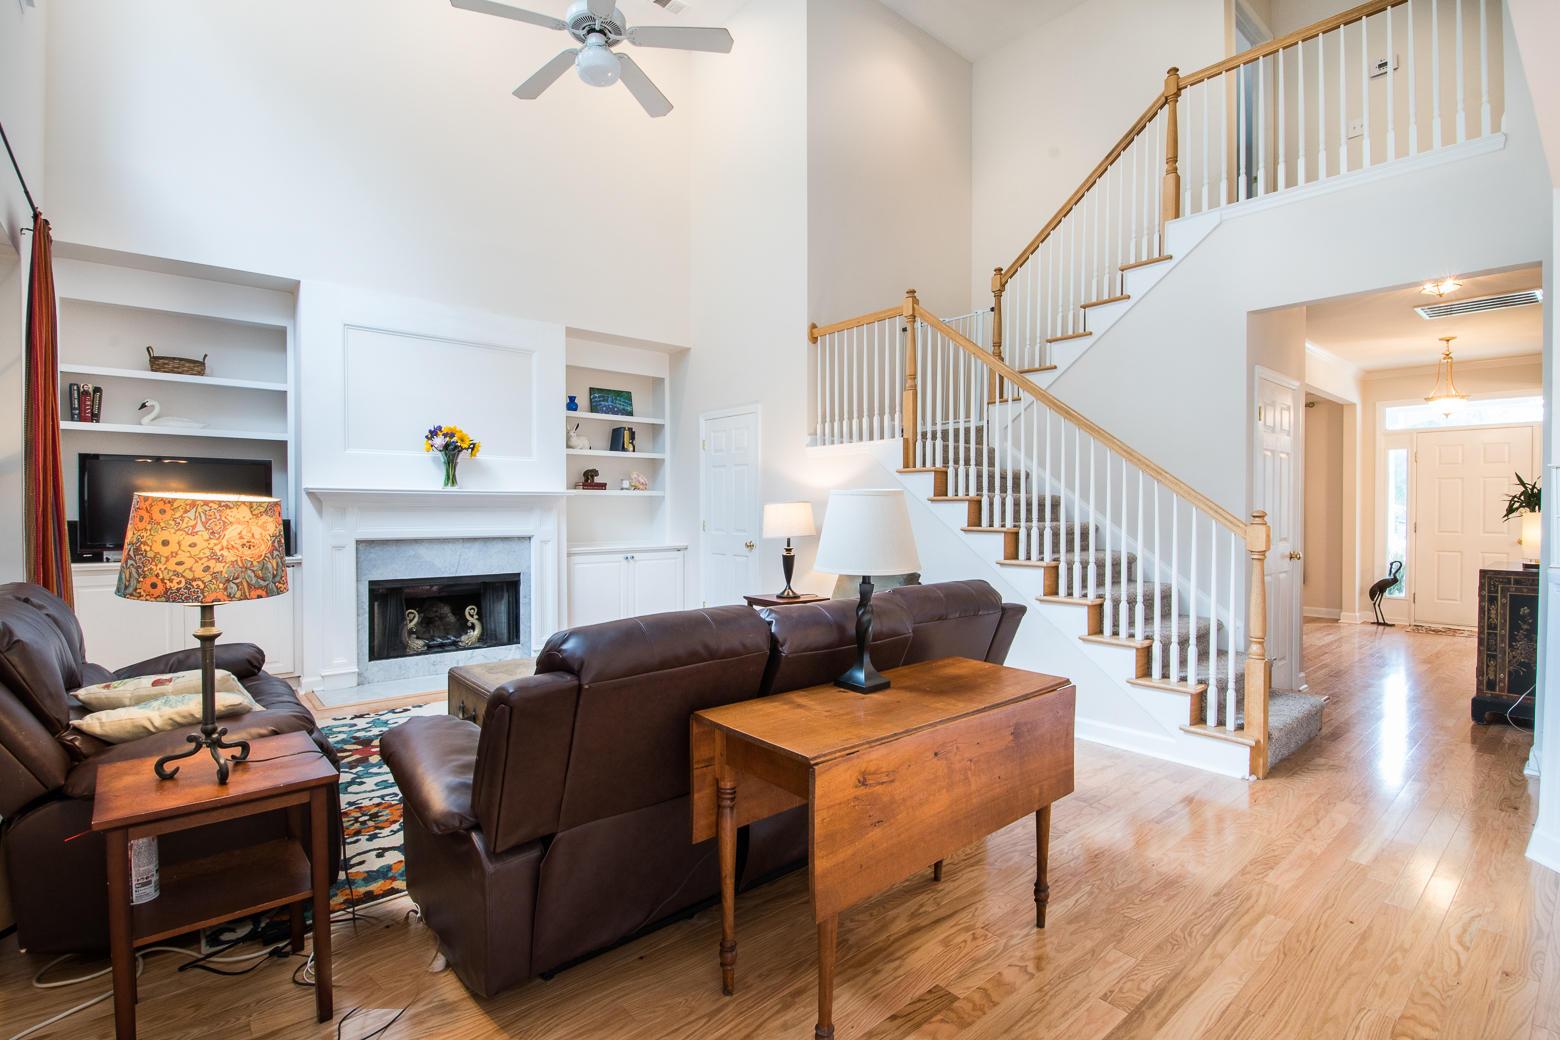 Dunes West Homes For Sale - 1111 Black Rush, Mount Pleasant, SC - 29